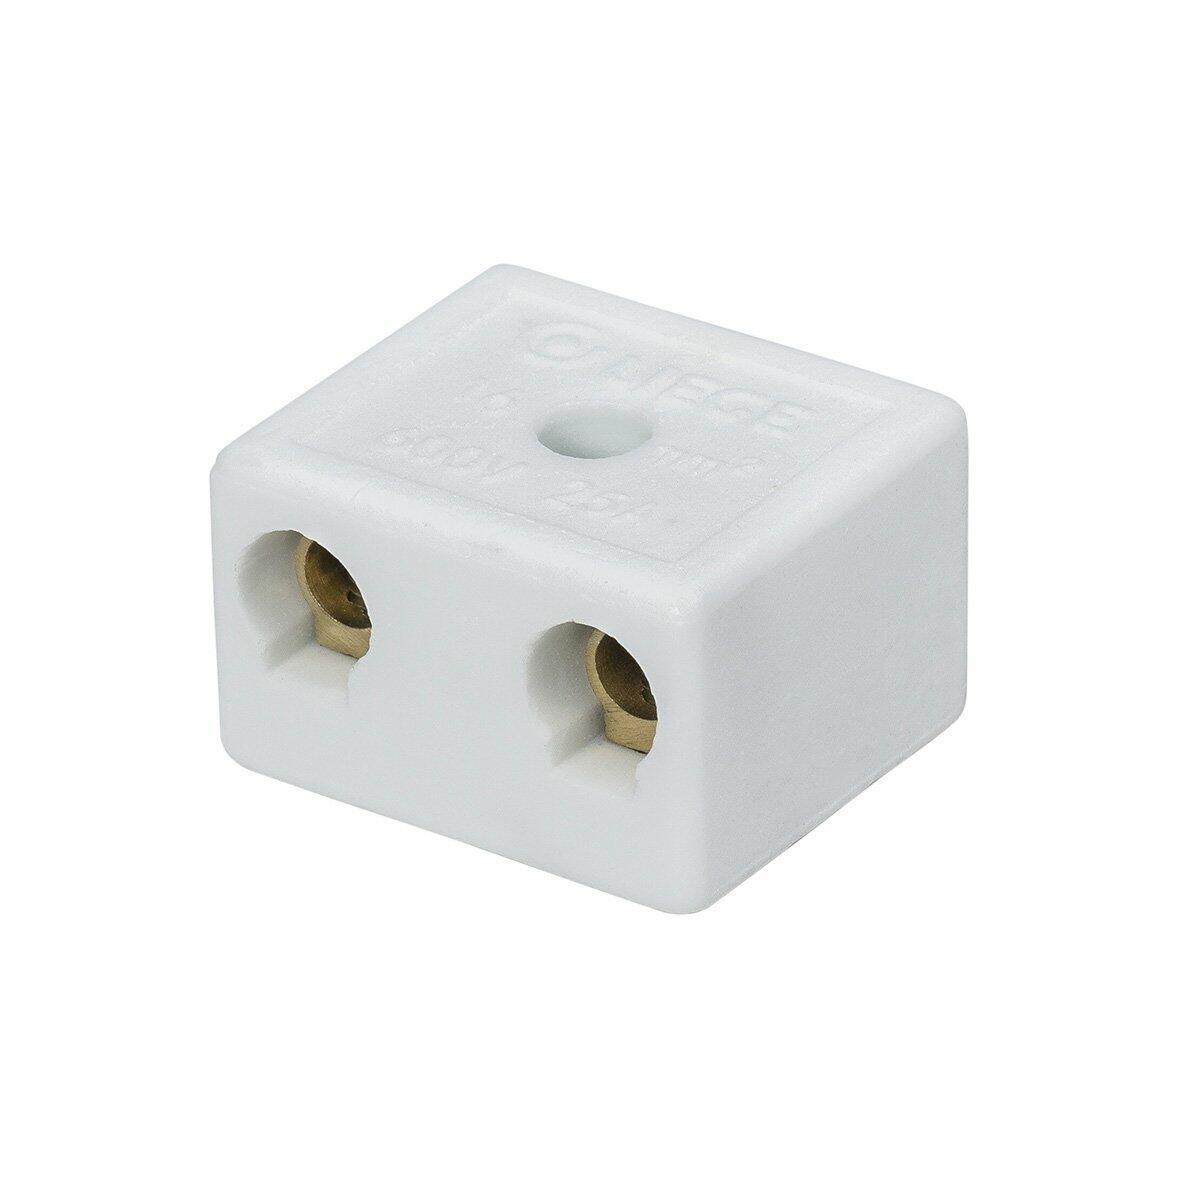 Conector Porcelana Grande 2P 16Mm 2 Peças Liege